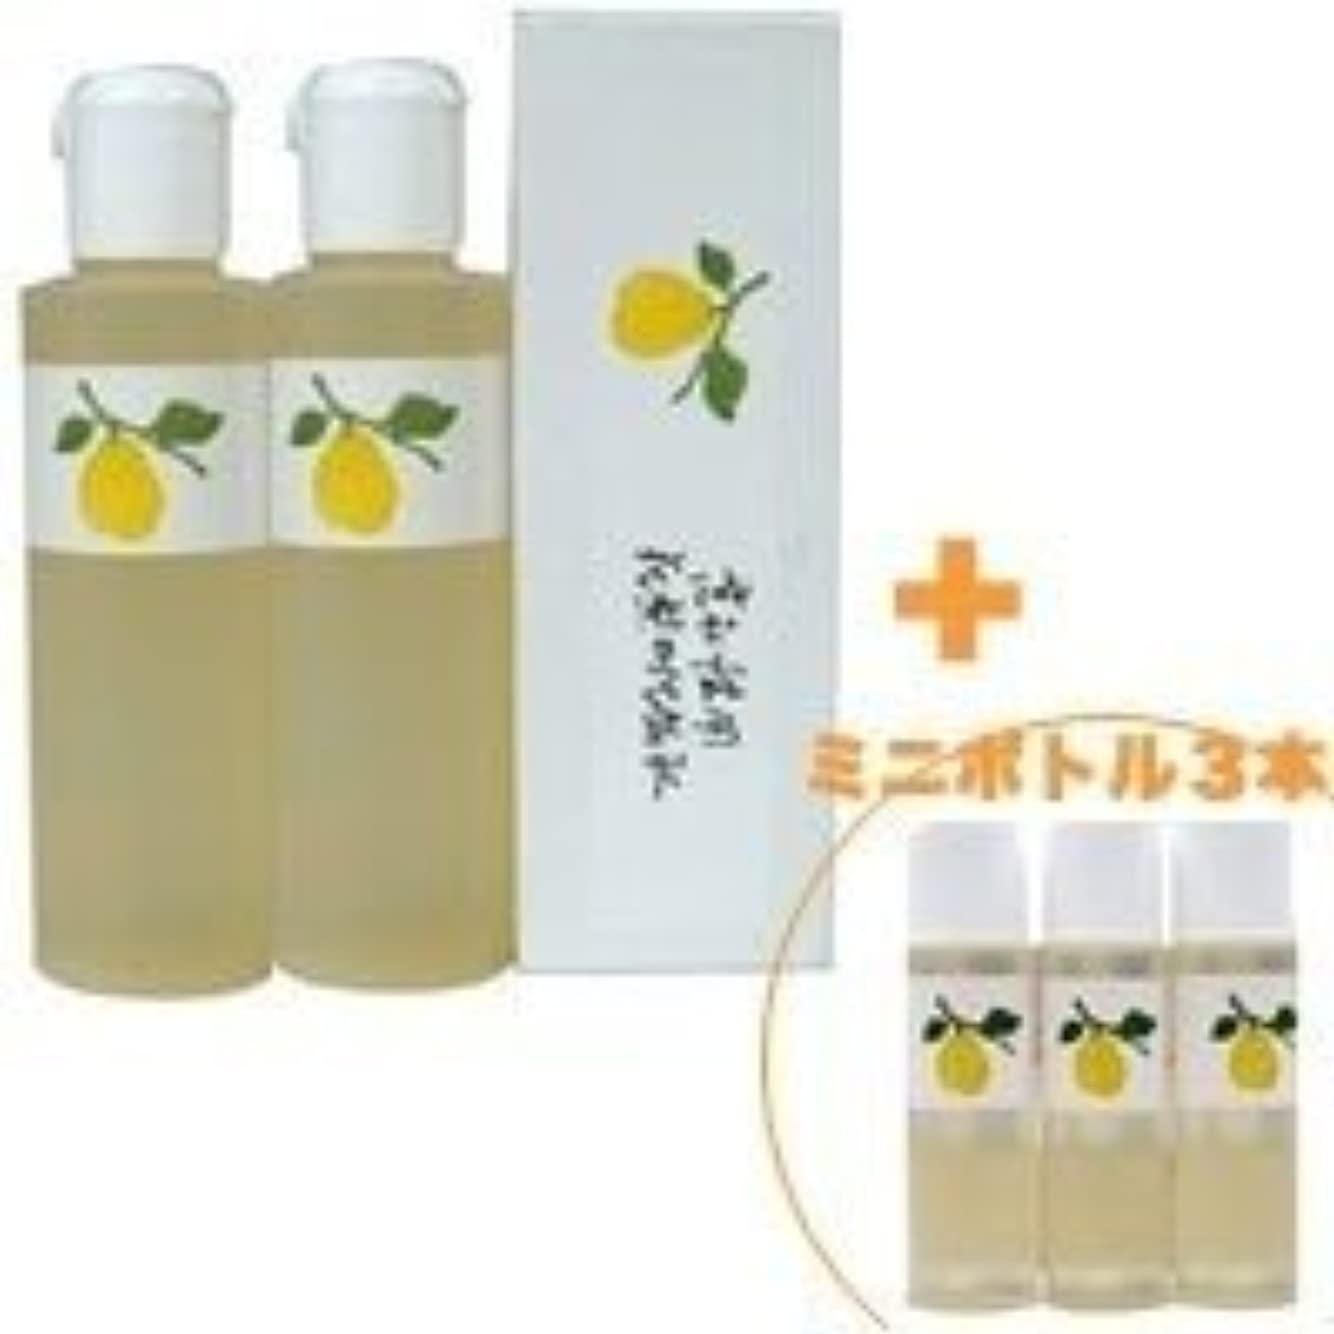 スーダンそれぞれトランスミッション花梨の化粧水 200ml 2本&ミニボトル 3本 美容液 栄養クリームのいらないお肌へ 保湿と乾燥対策に